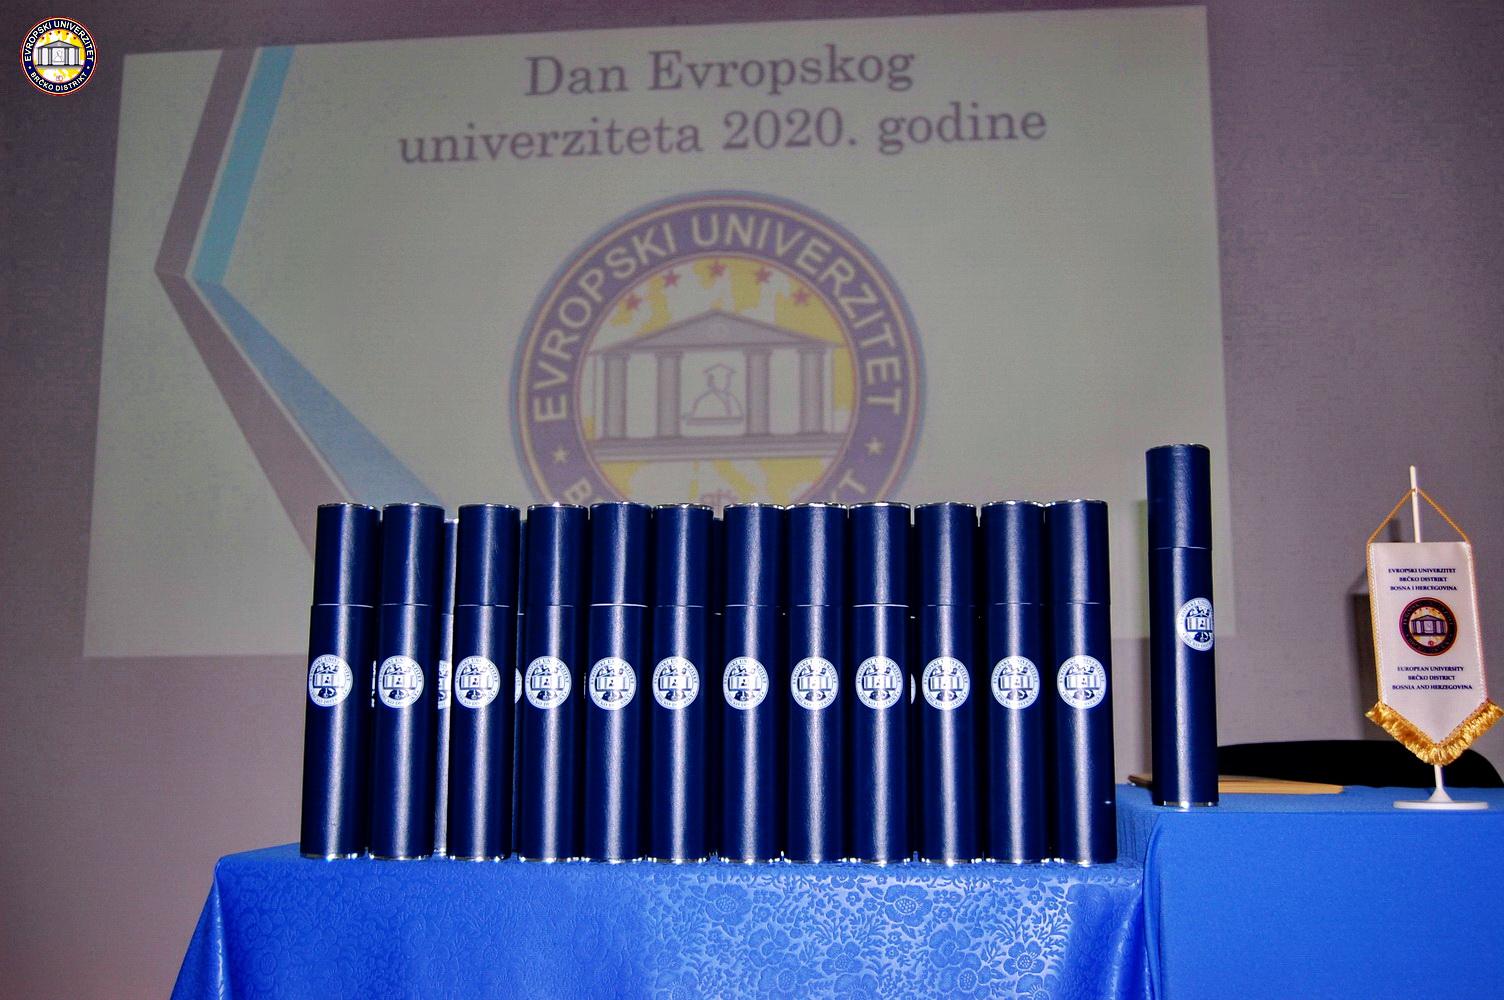 Dan Univerziteta 2020 1